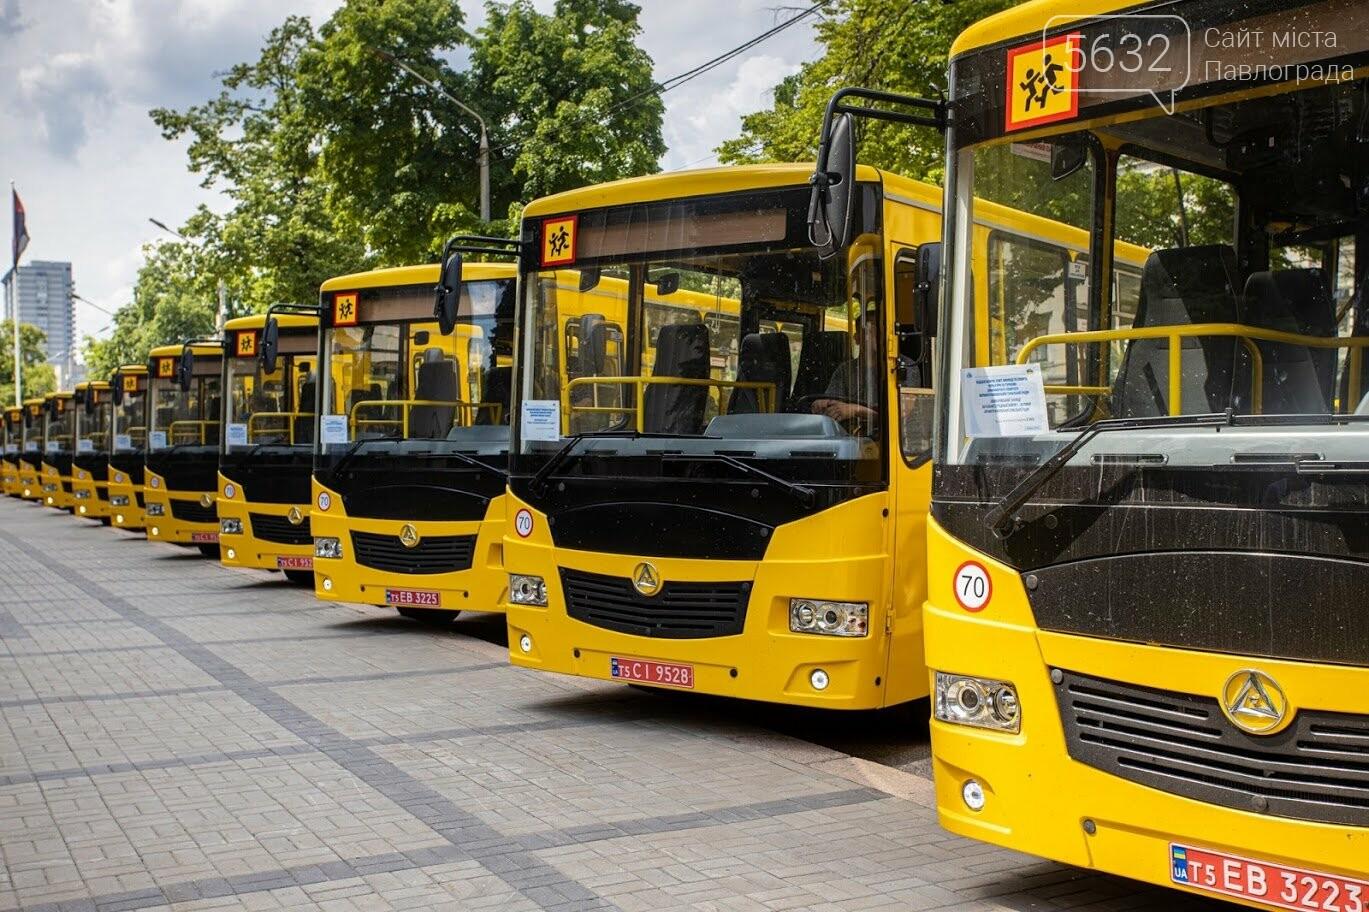 13 новых школьных автобусов отправились в сельские учебные учреждения Днепропетровщины (ФОТО), фото-7